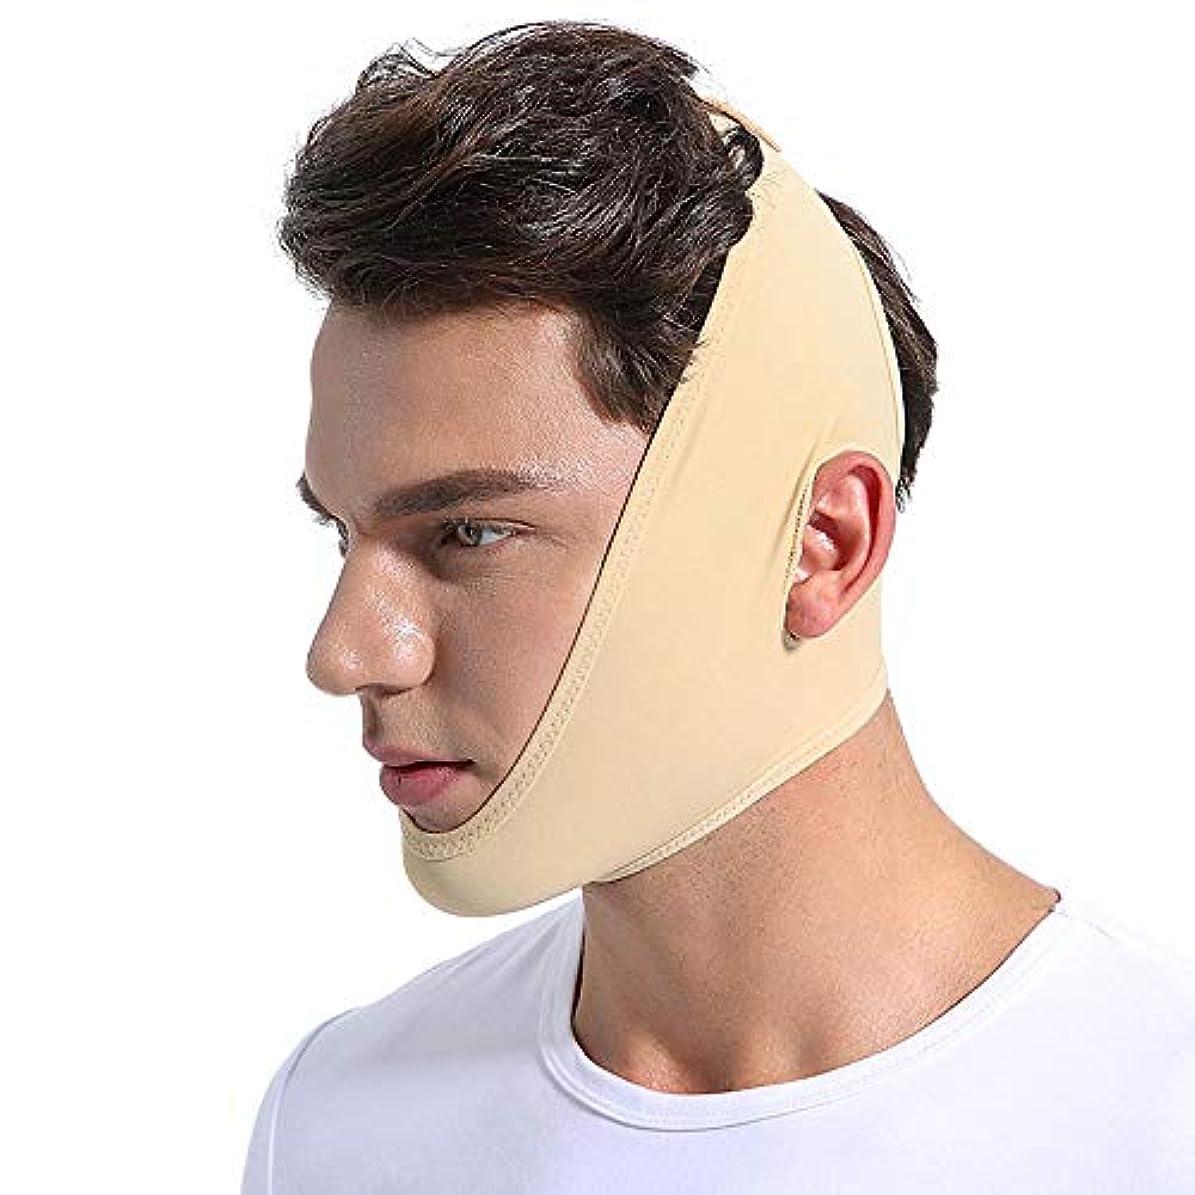 再現するもつれビルフェイシャルシンフェイスマスク痩身包帯スキンケアベルト形状リフト二重あごフェイスマスクフェイスThiningスリマー用男性女性,L